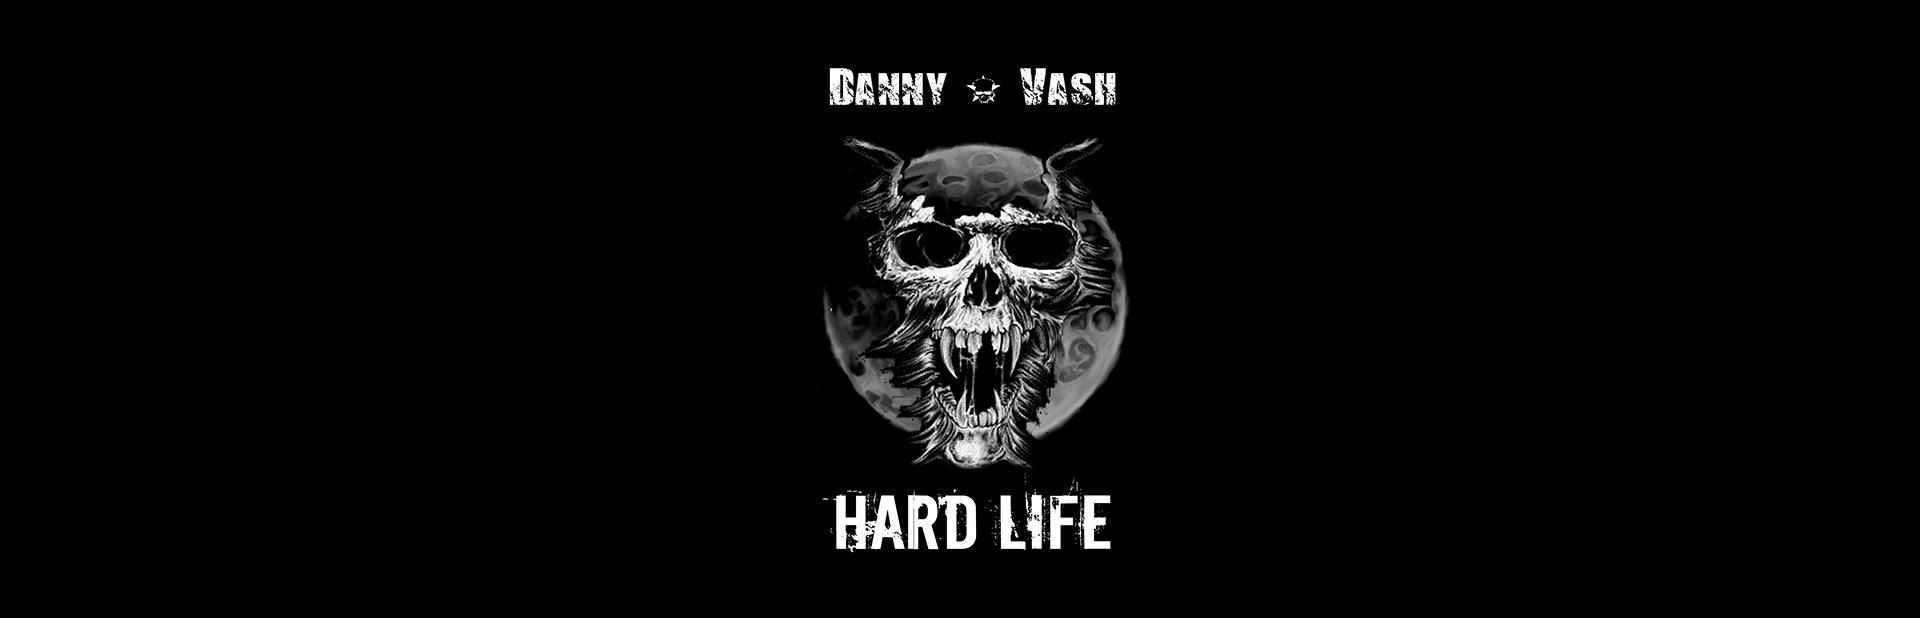 danny-vash